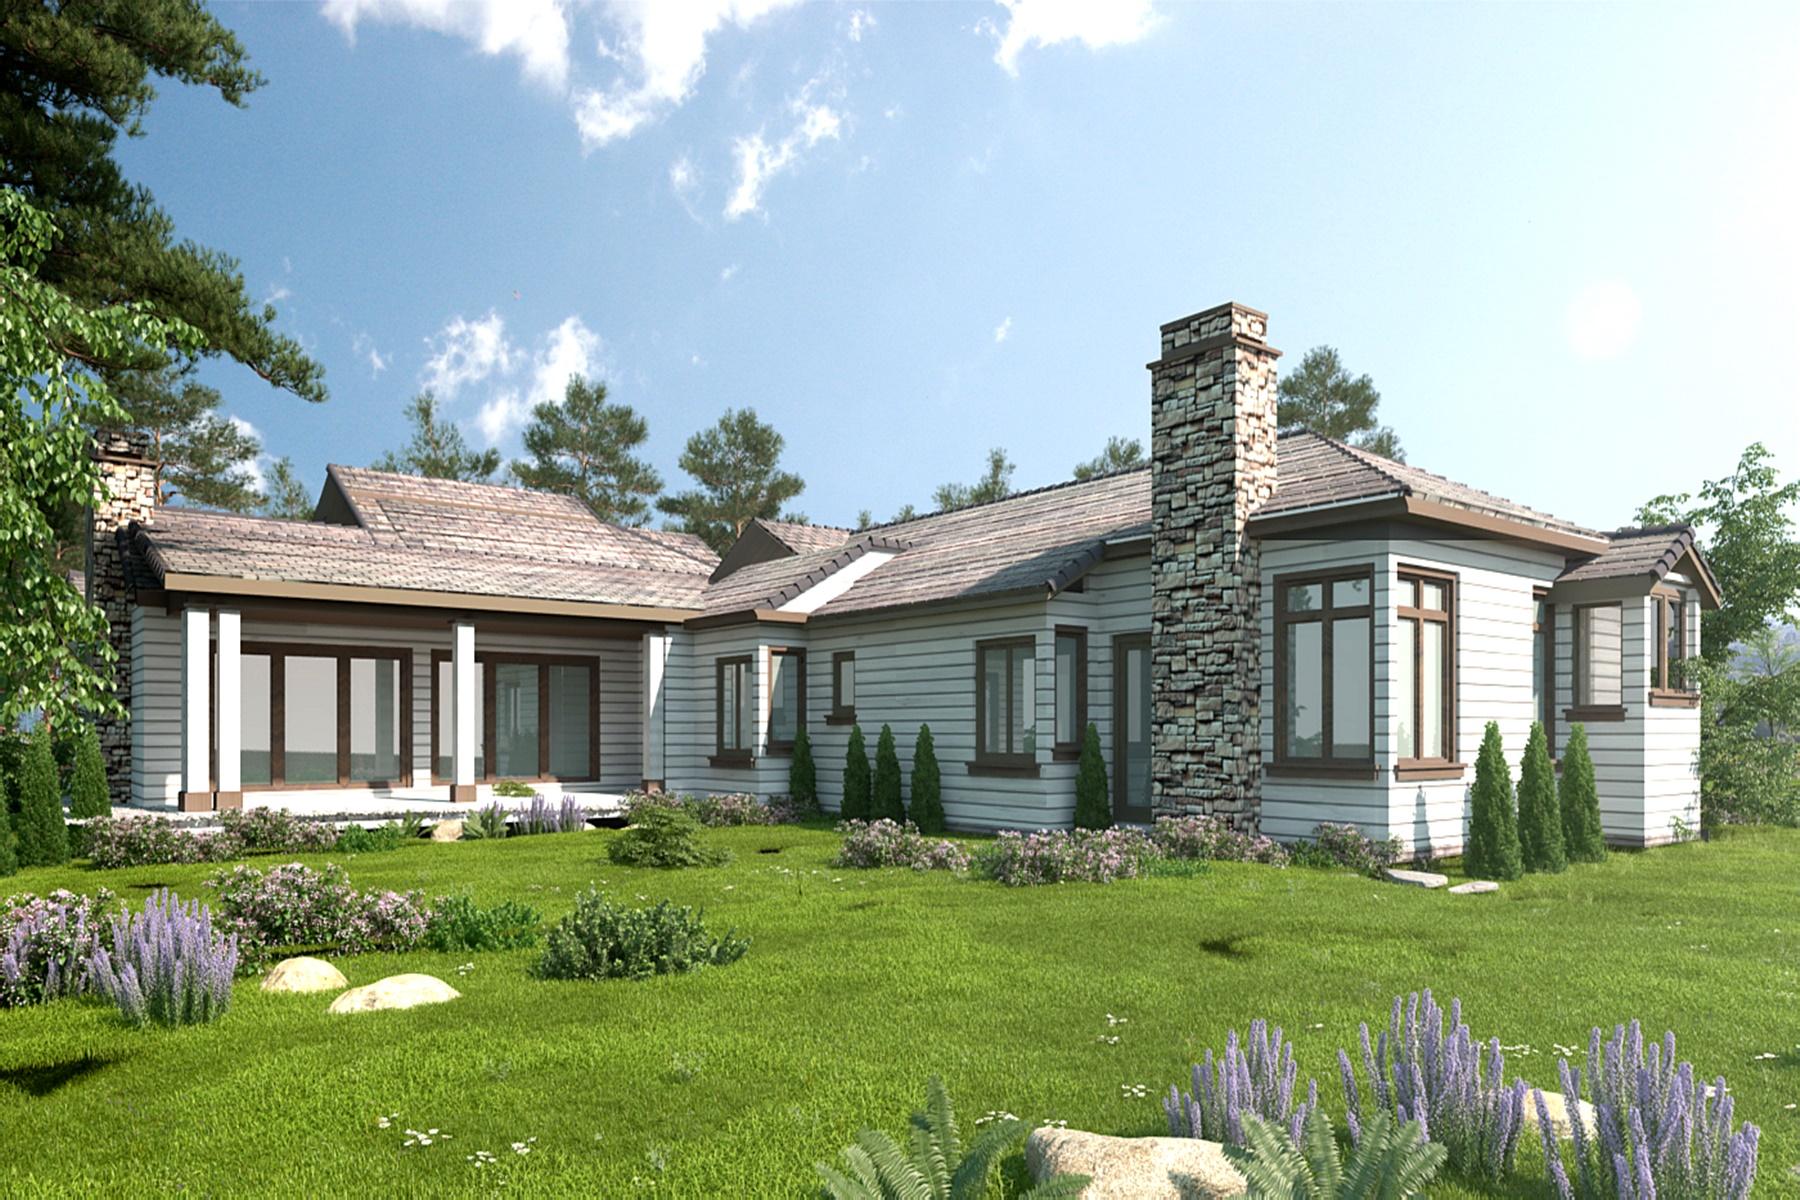 一戸建て のために 売買 アット Stunning Traditional 155 Camille Danville, カリフォルニア 94507 アメリカ合衆国